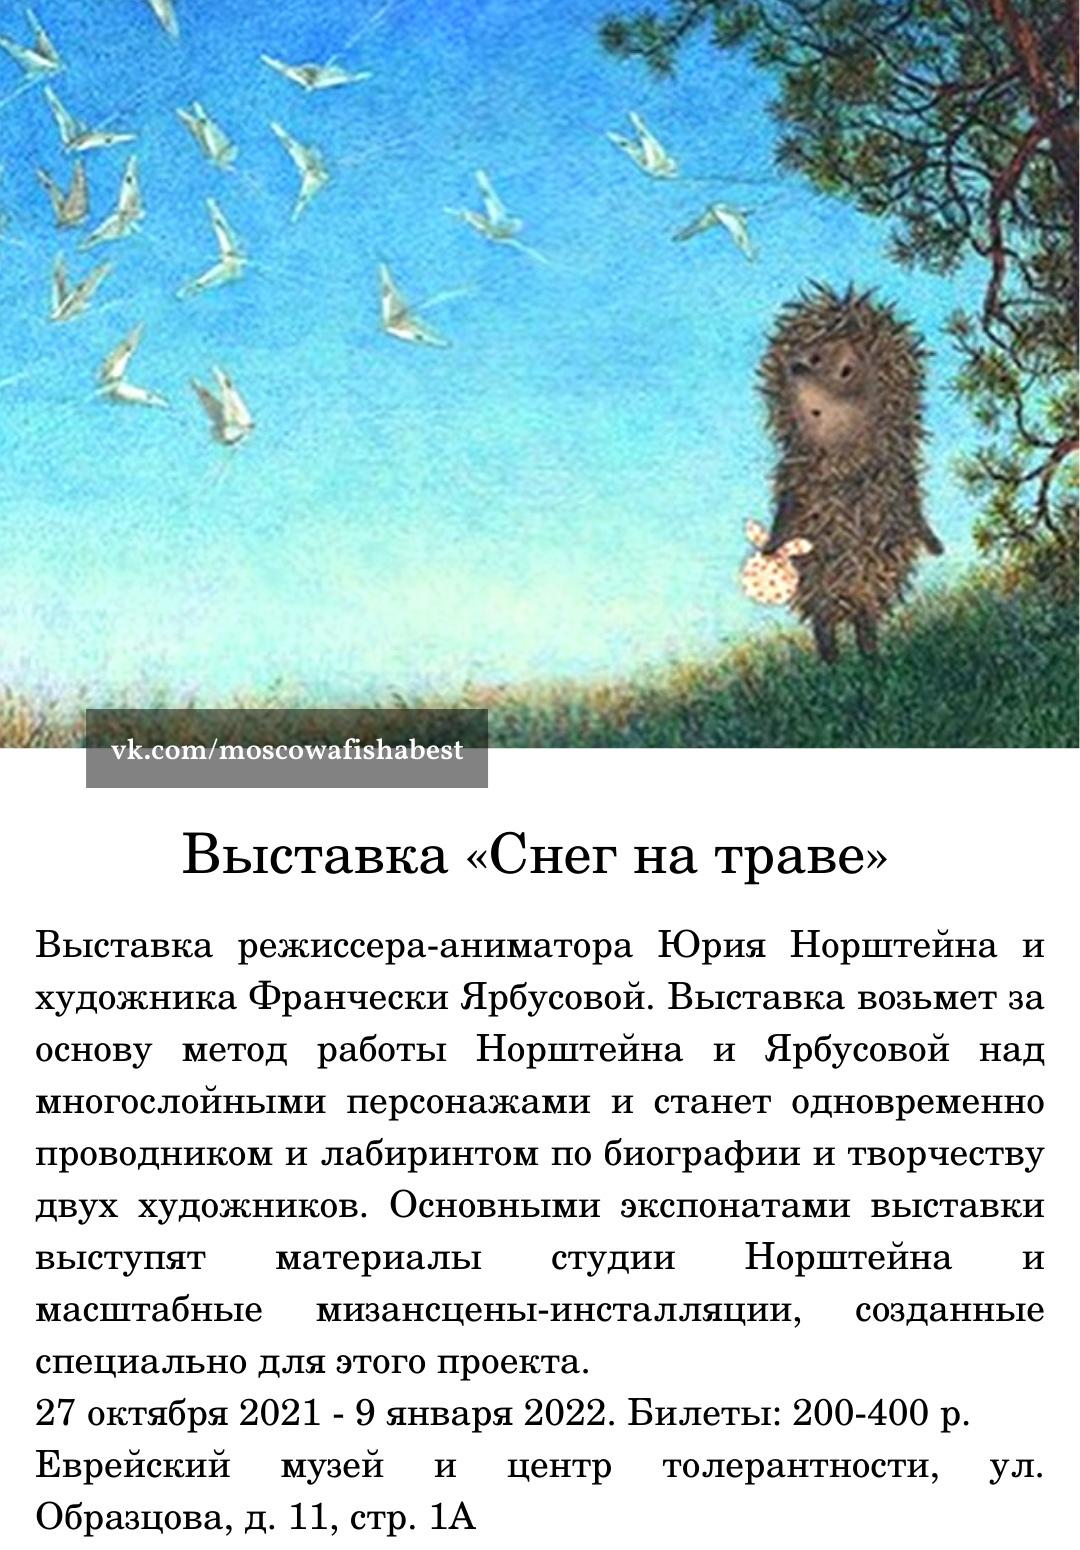 Пост Москвича номер #62027